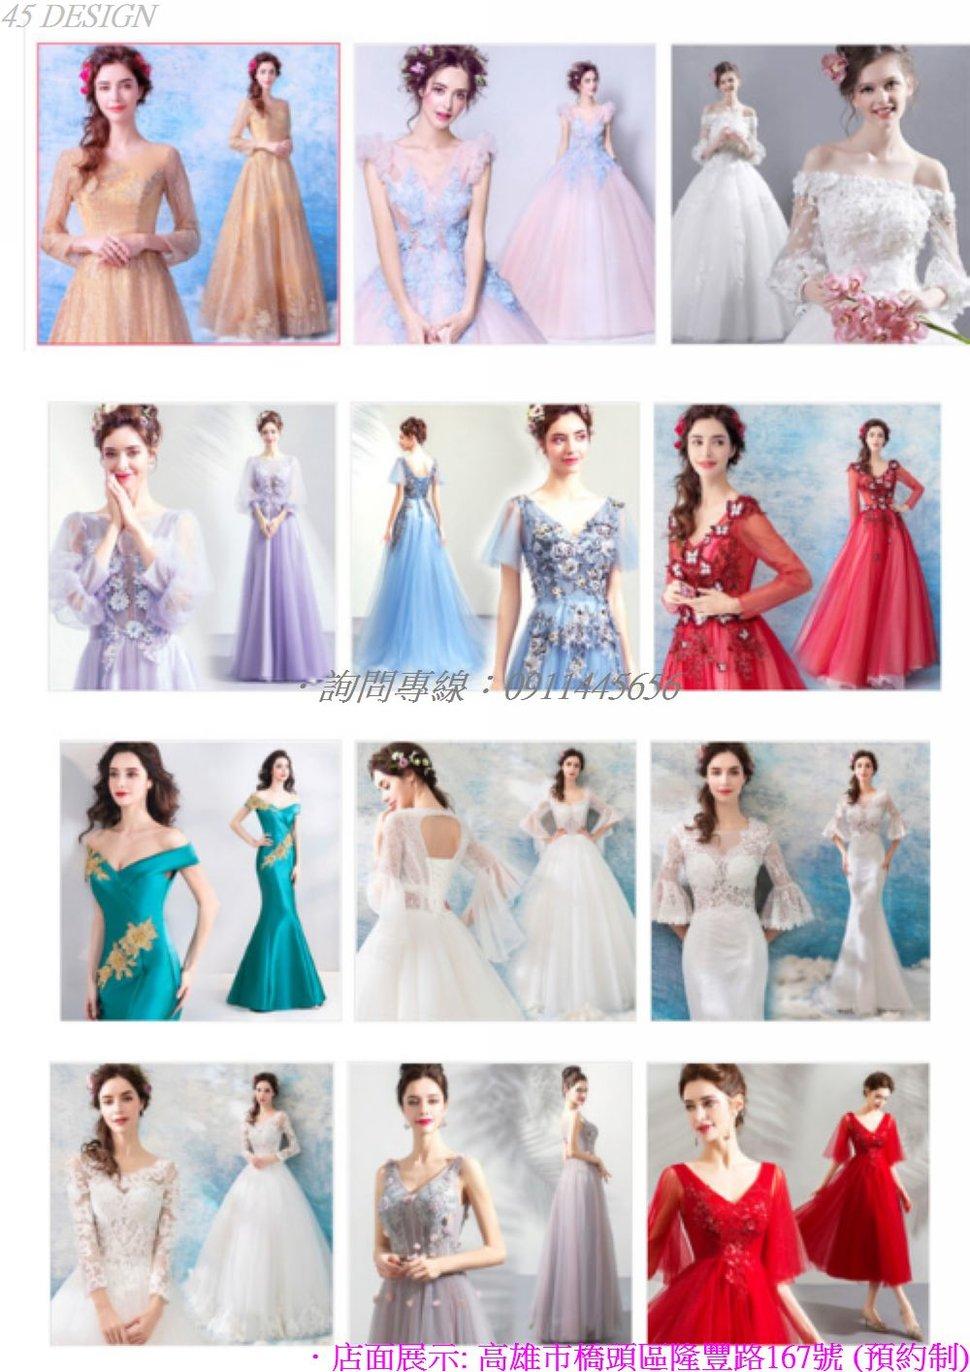 msl190815FDD771E893654B5B9F3102D6D12E36C9 - 全台最便宜-45DESIGN四五婚紗禮服《結婚吧》